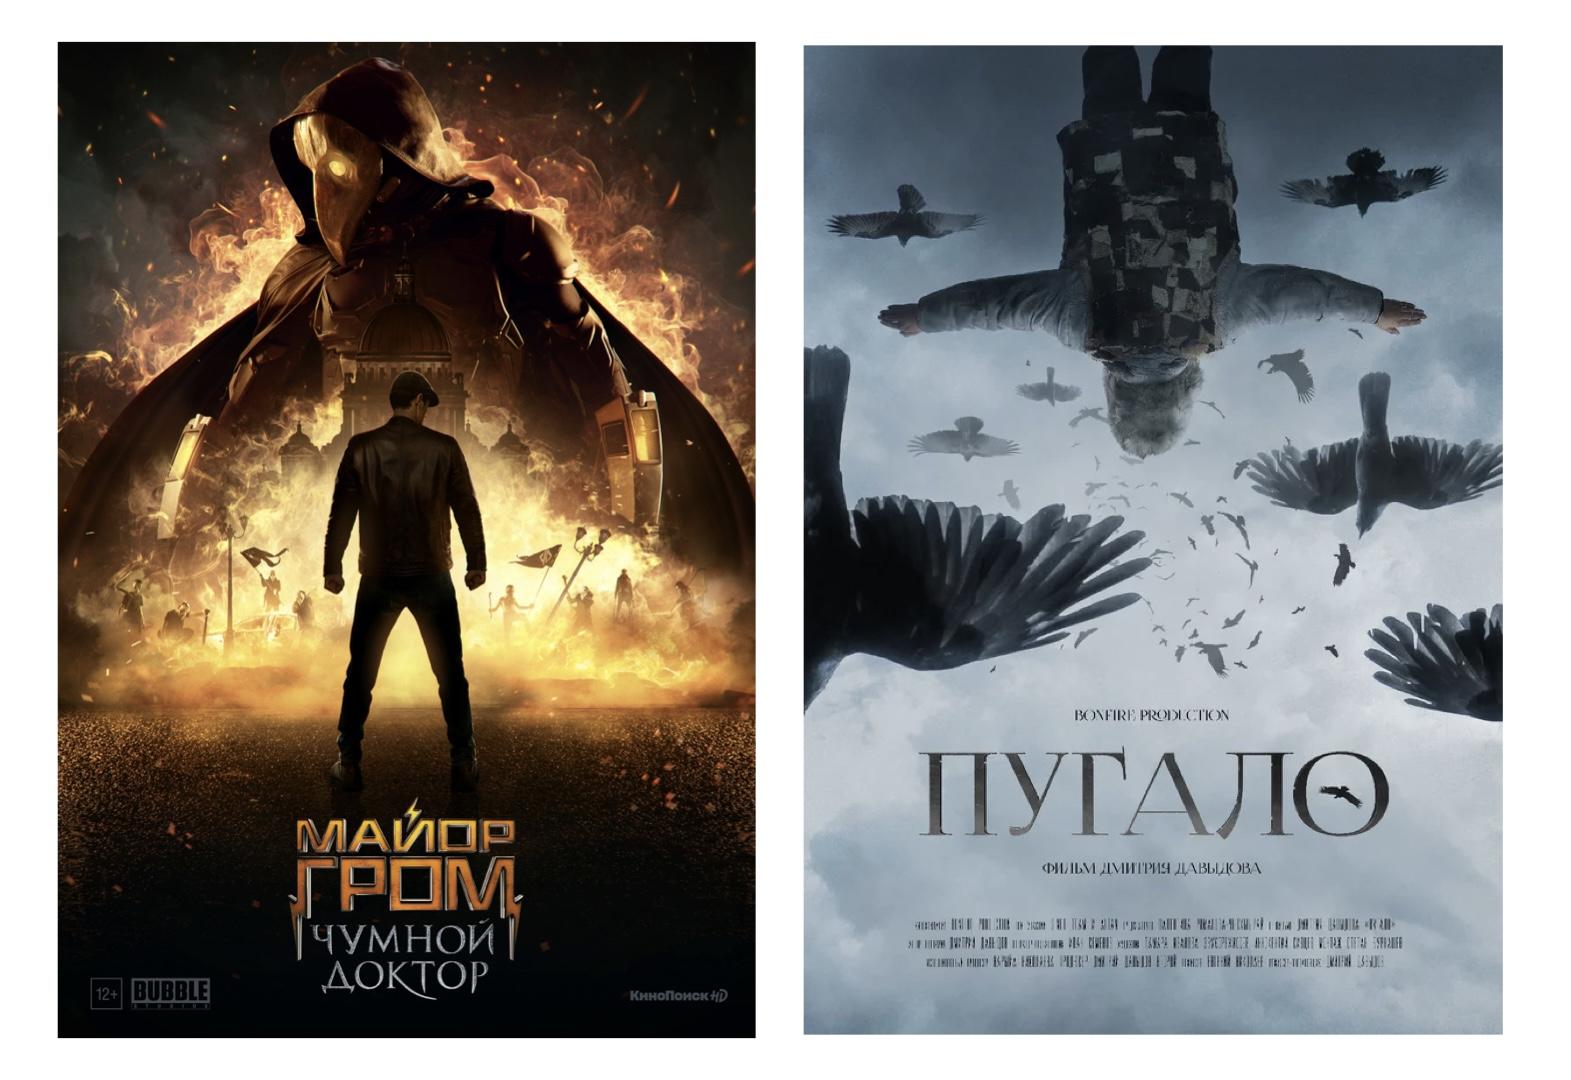 Майор полиции и знахарка. КиноПоиск поделился списком самых ожидаемых российских фильмов 2021 года